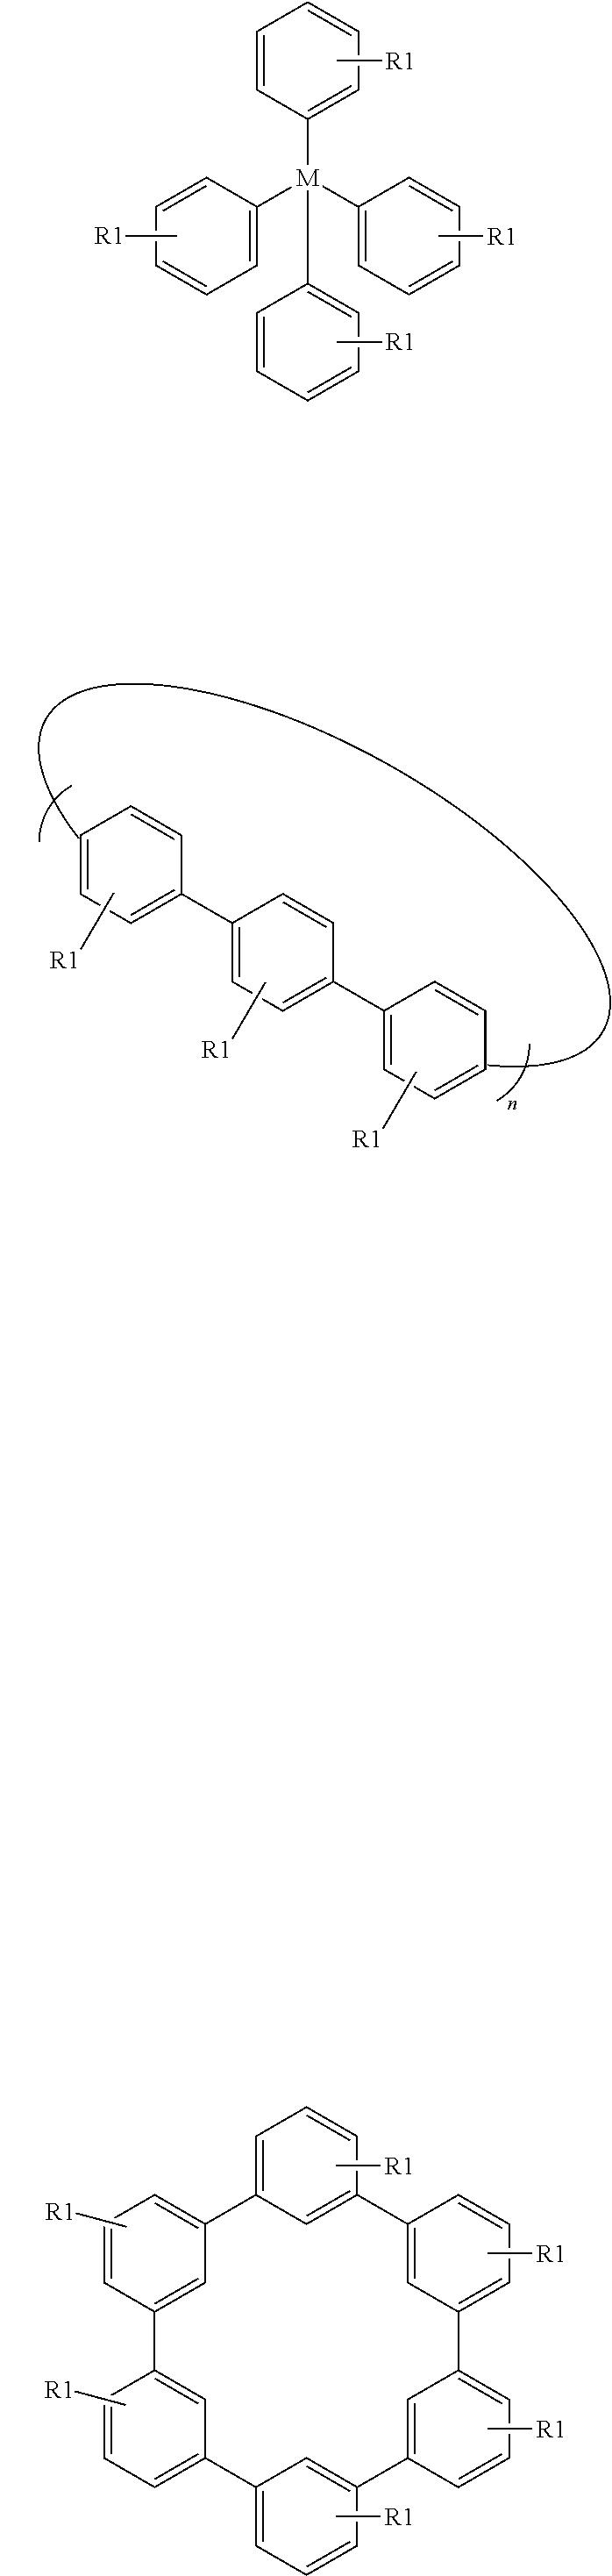 Figure US09921480-20180320-C00006